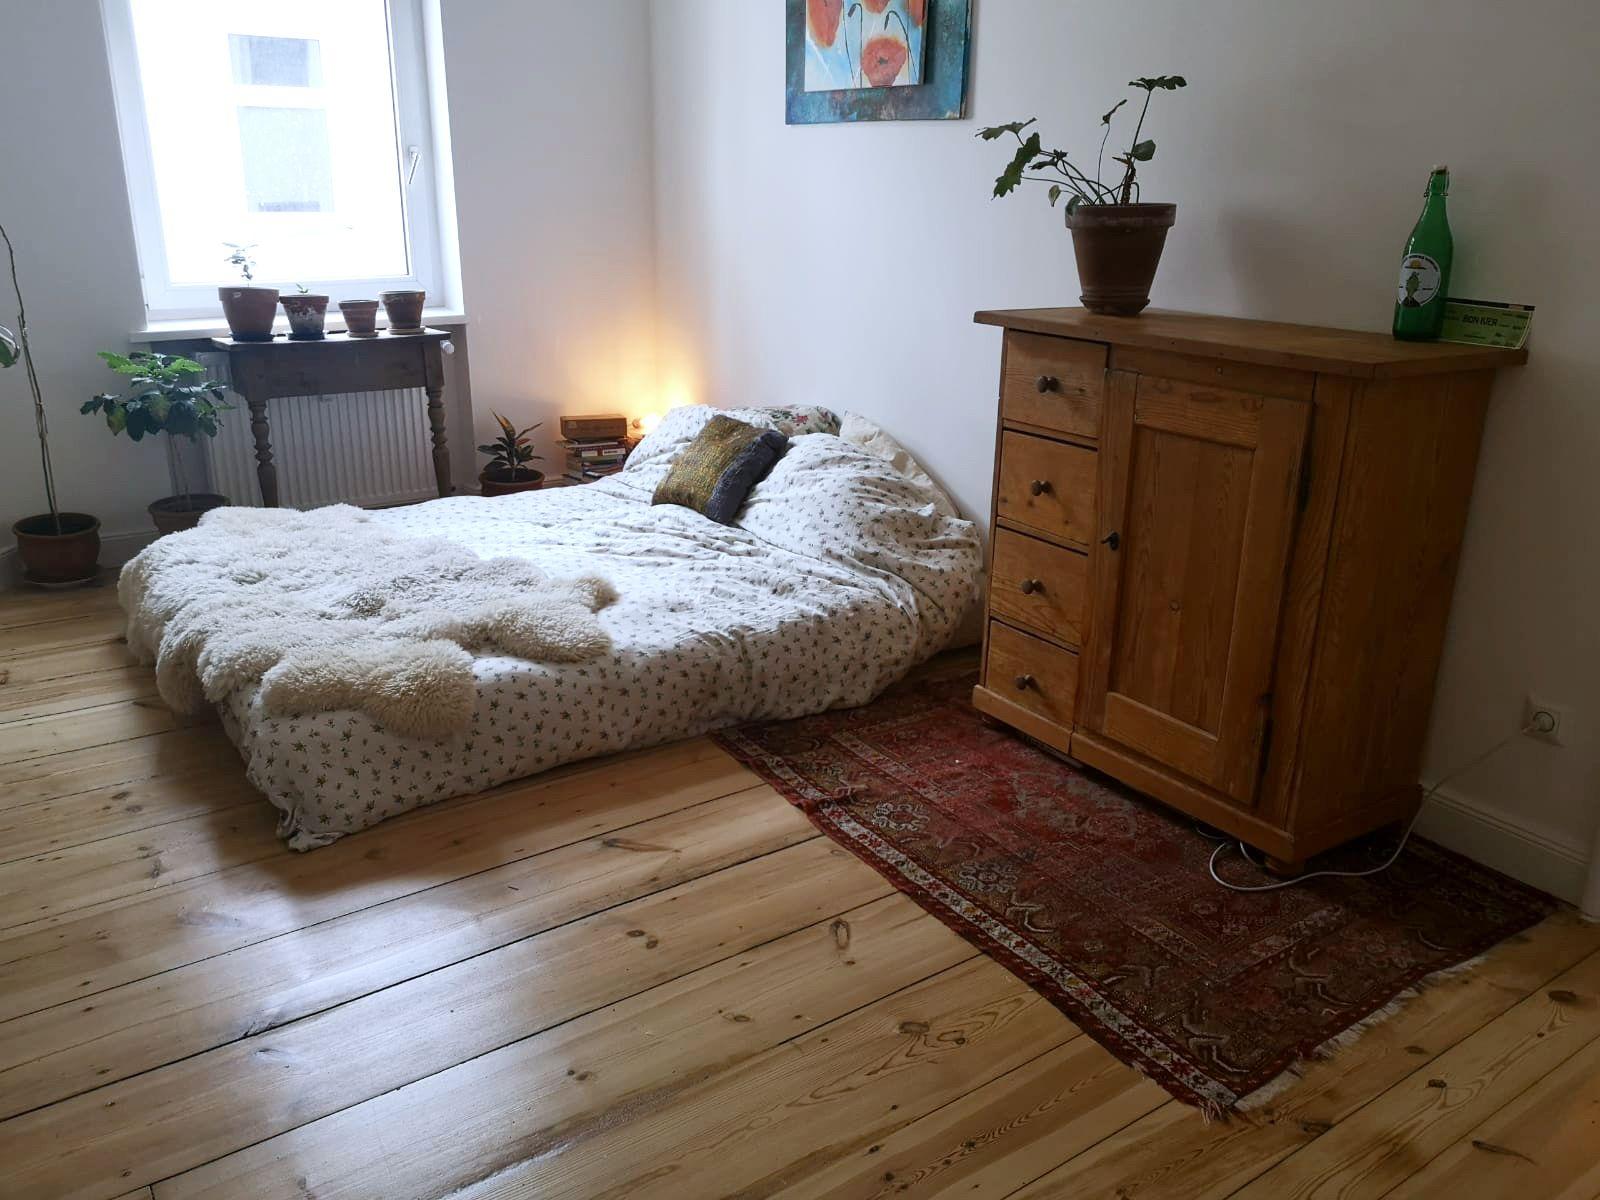 Schlichtes Zimmer In Berlin Zimmer Wg Zimmer Wg Gesucht